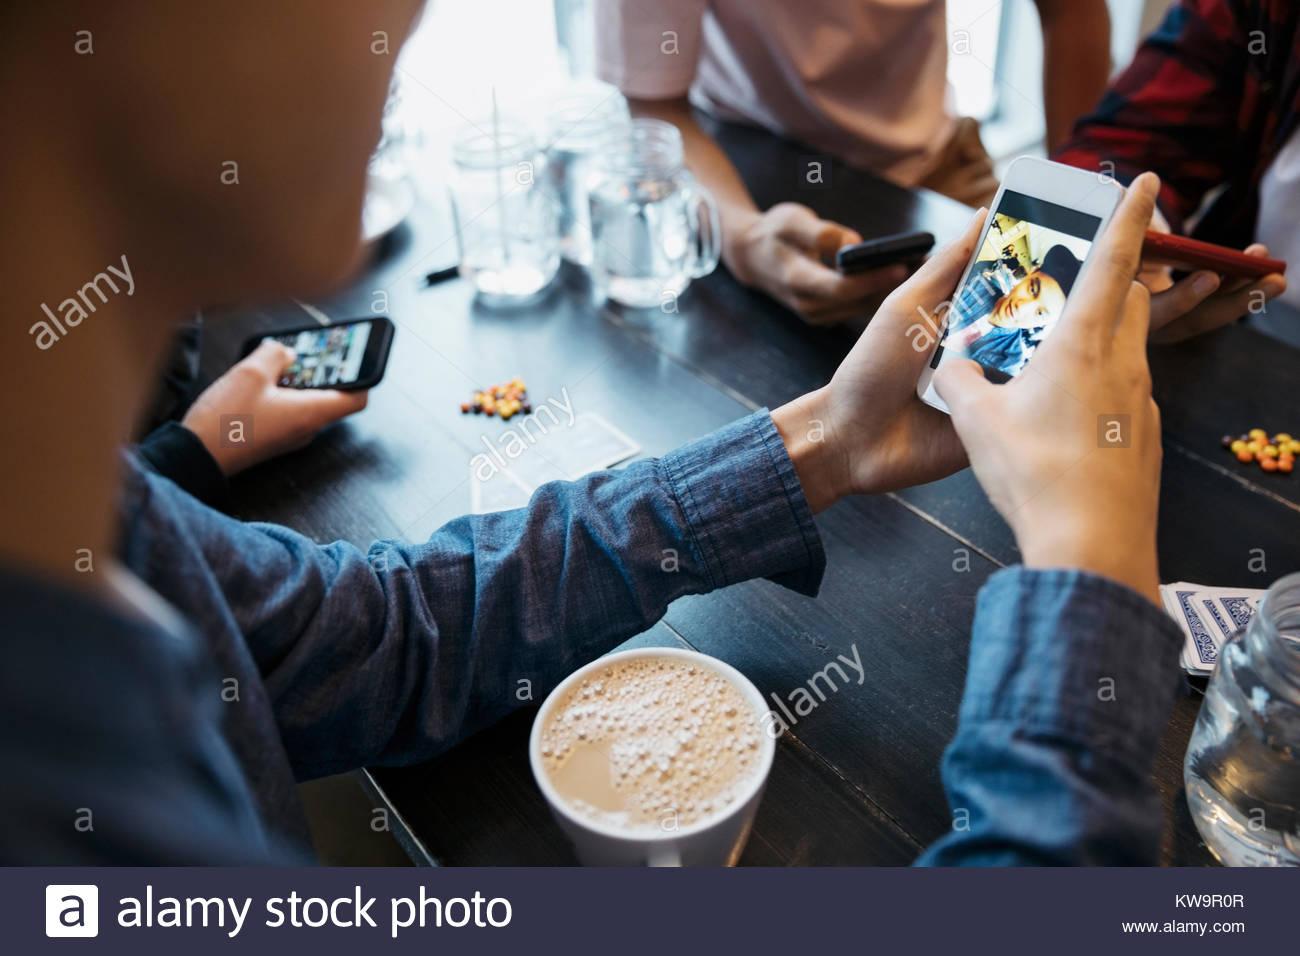 Tween Junge mit Kamera Handy und trinken Kaffee im Cafe Tabelle Stockbild